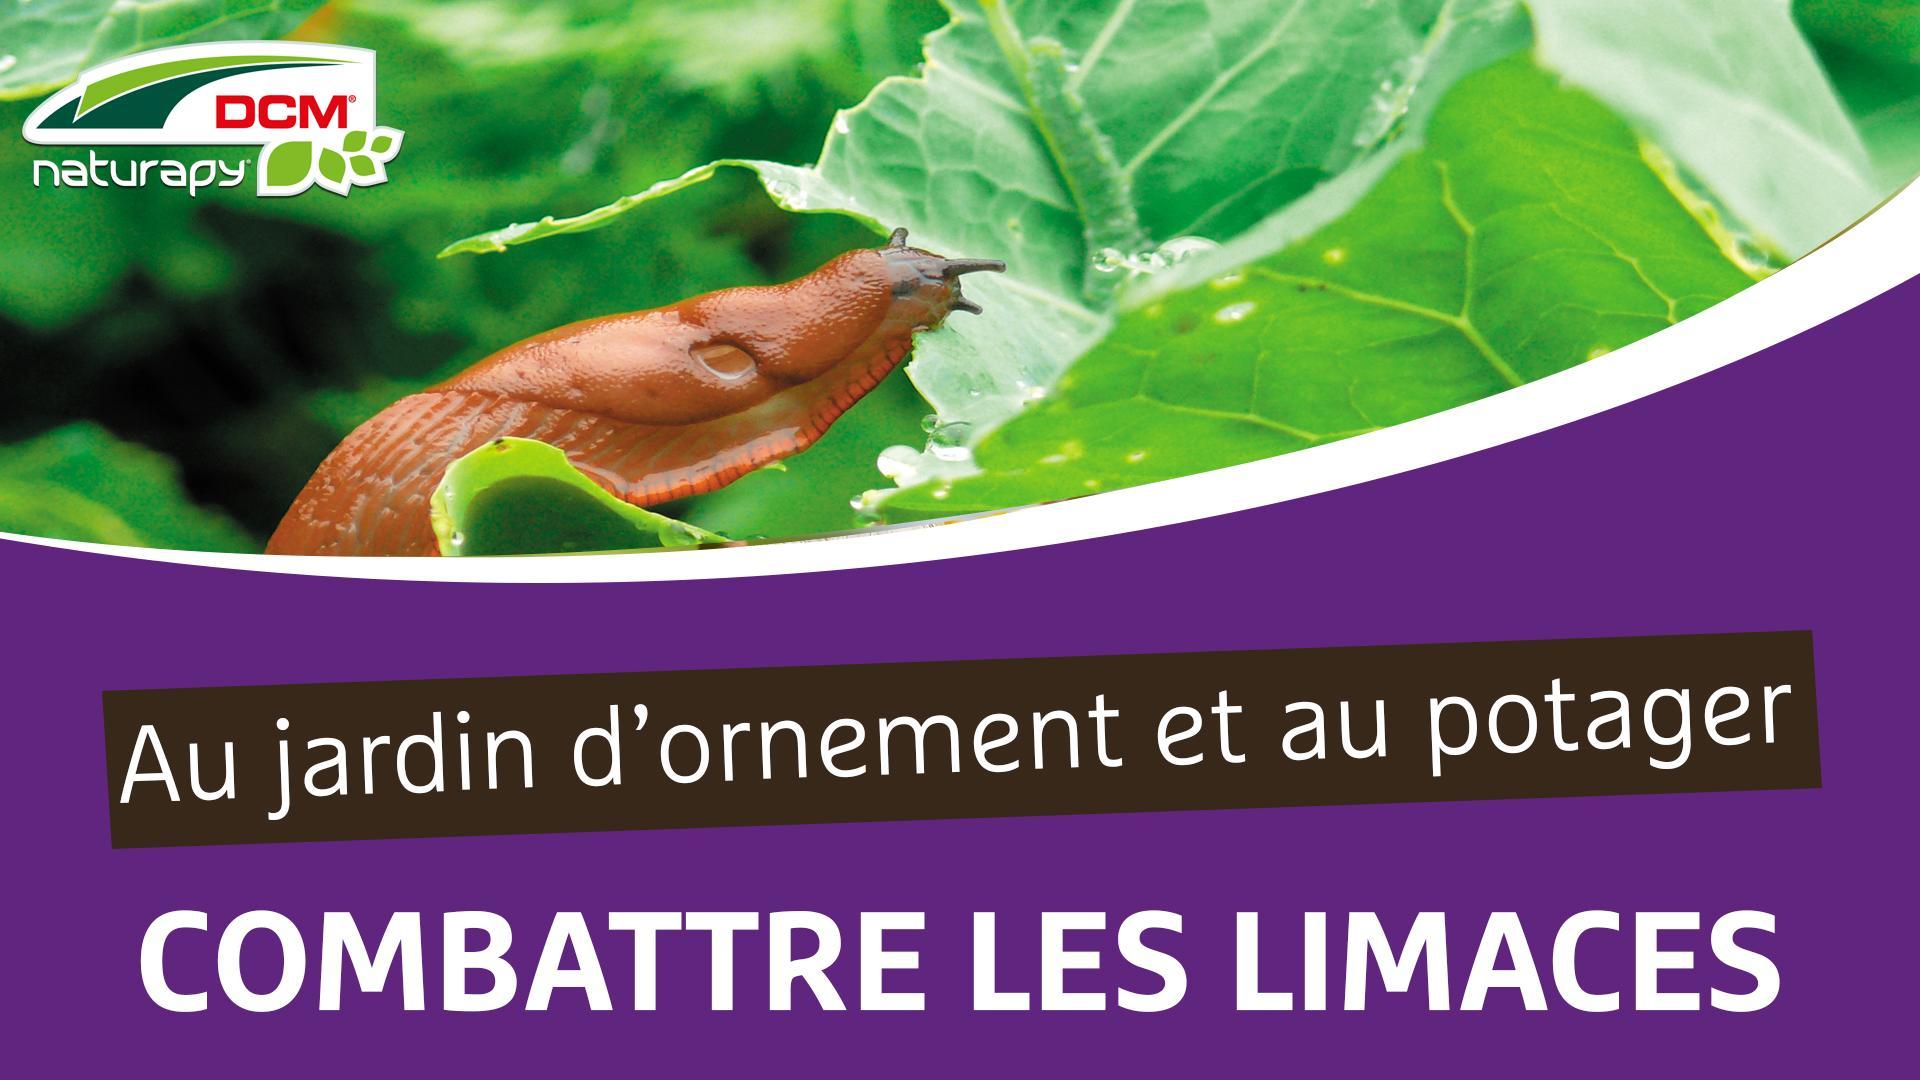 Combattre les limaces au jardin d'ornement et au potager - DCM Phasmi-Guard®